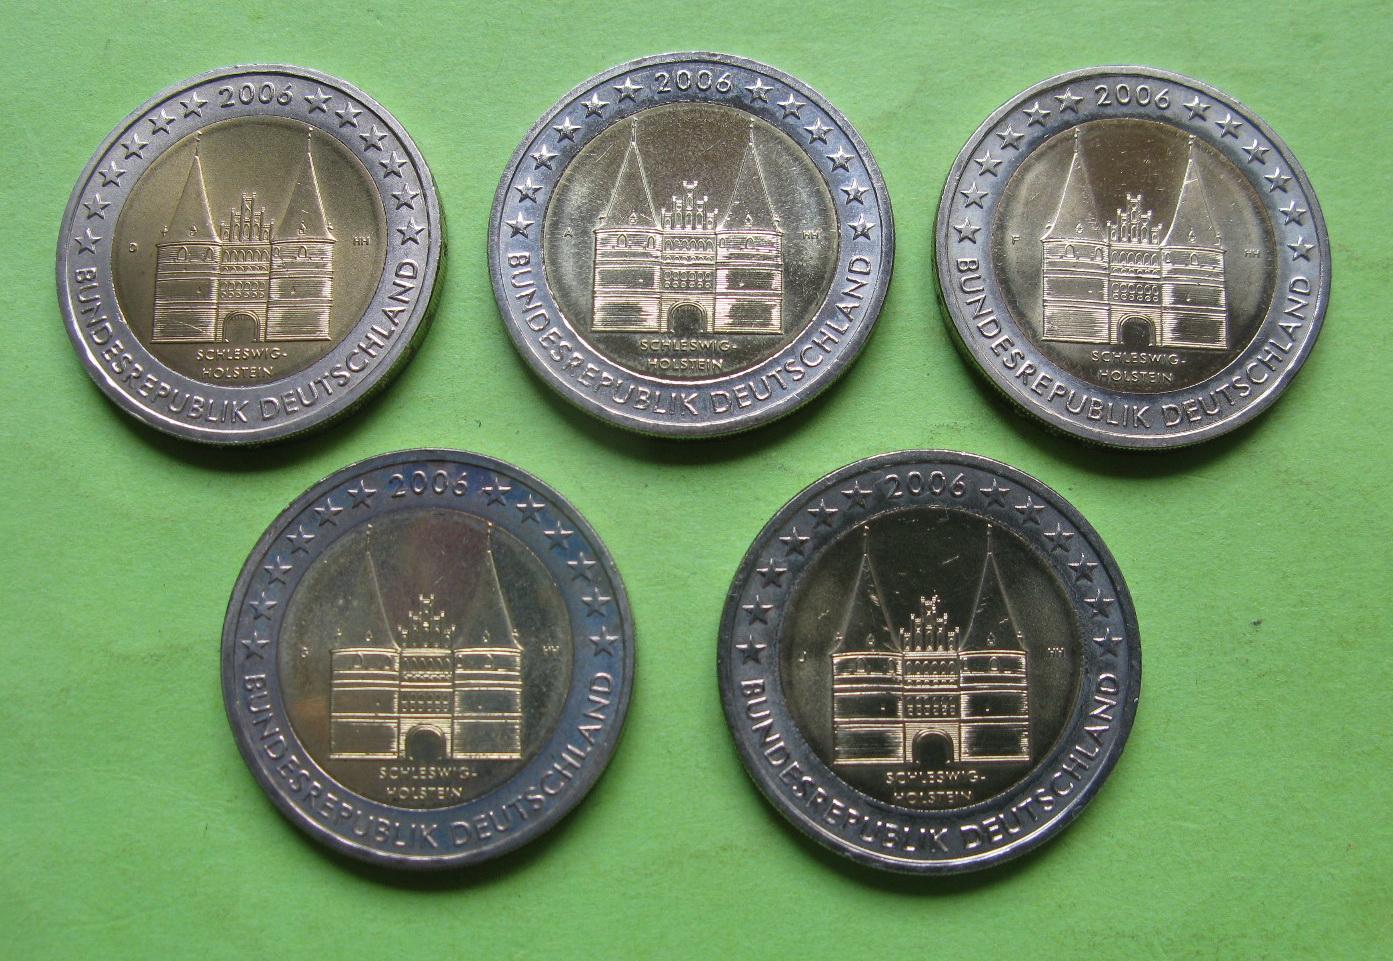 Германия 2 евро 2006 г. Шлезвиг-Гольштейн .5 монет (A,D,F,G,J) ,UNC